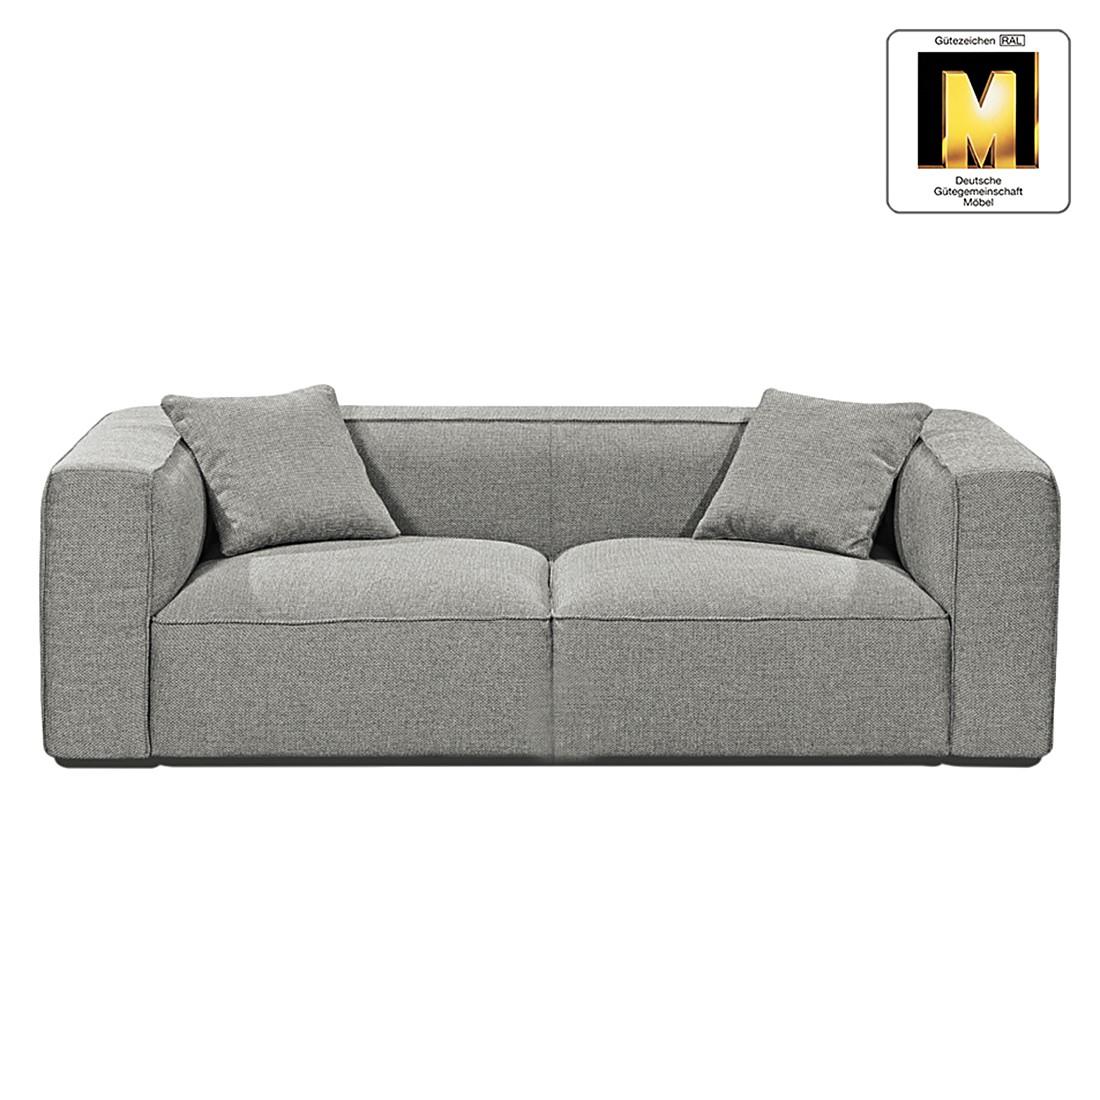 Sofa Casual Line VIII (2-Sitzer) – Strukturstoff Hellgrau, Claas Claasen günstig bestellen